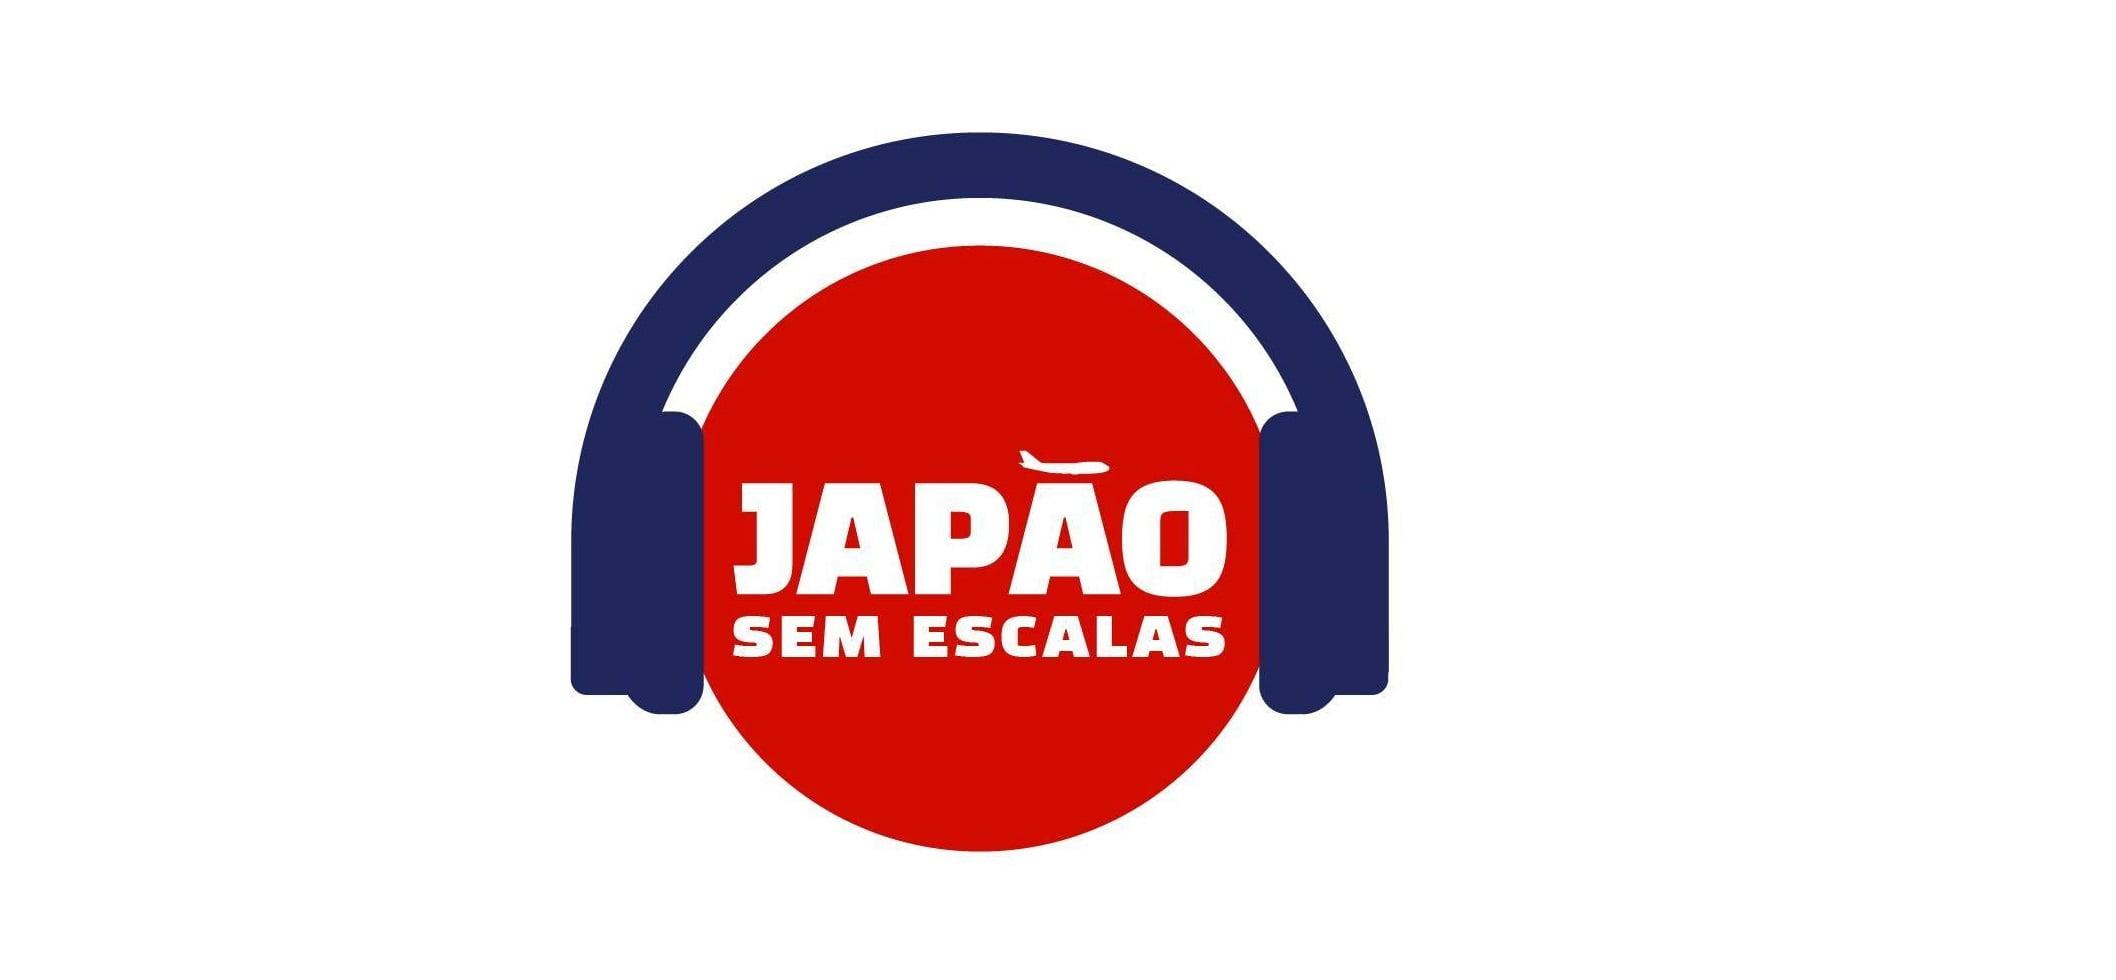 podcast japão sem escalas logo destacada